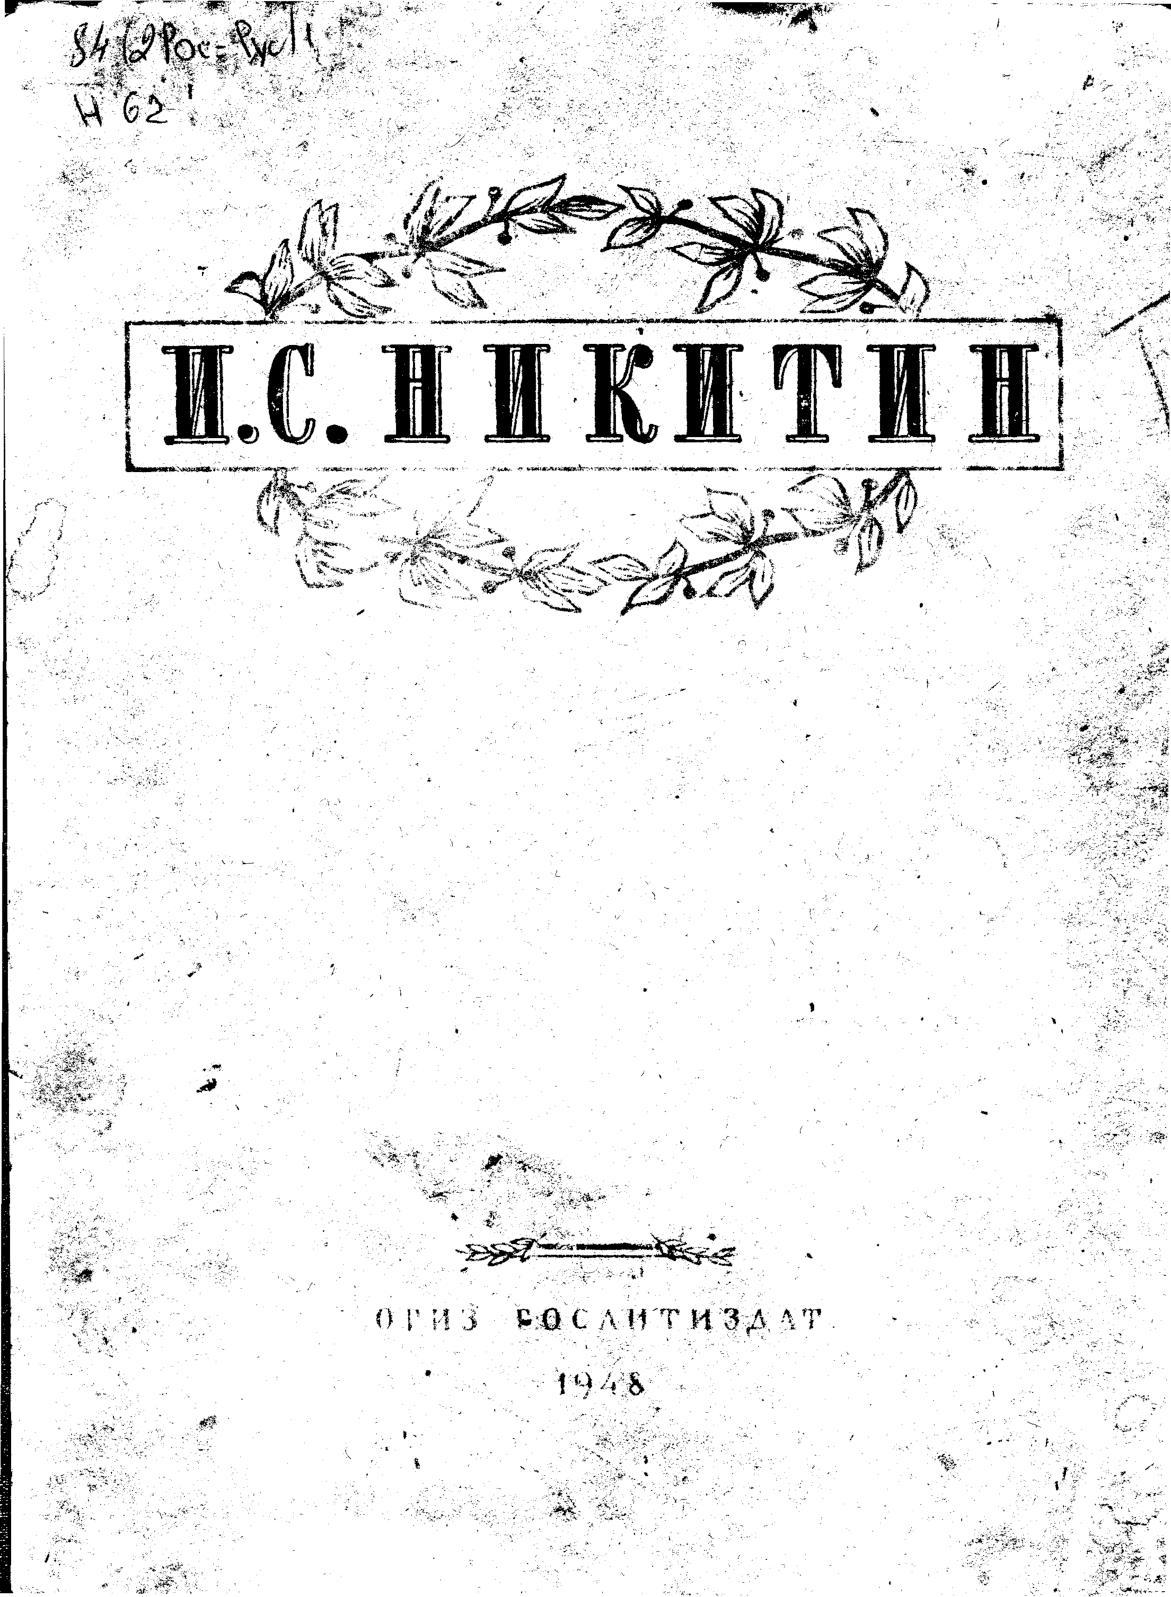 Сочинение по картине веницианского девушка в клеичатом платке по учебнику львав и львава 6 класс